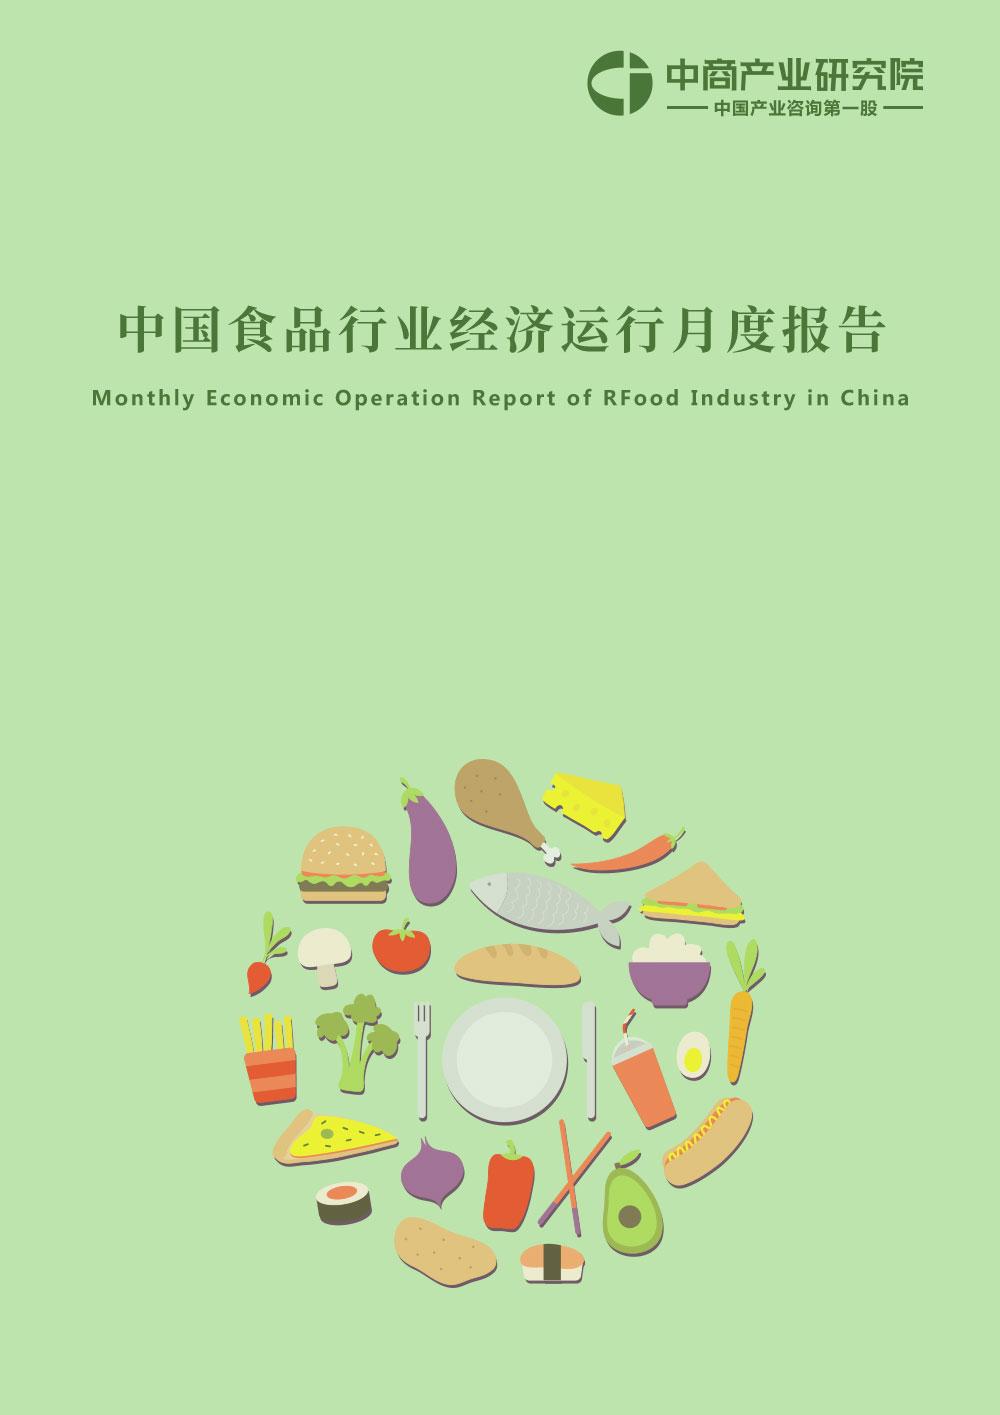 中国食品行业经济运行月度报告(2021年1-4月)